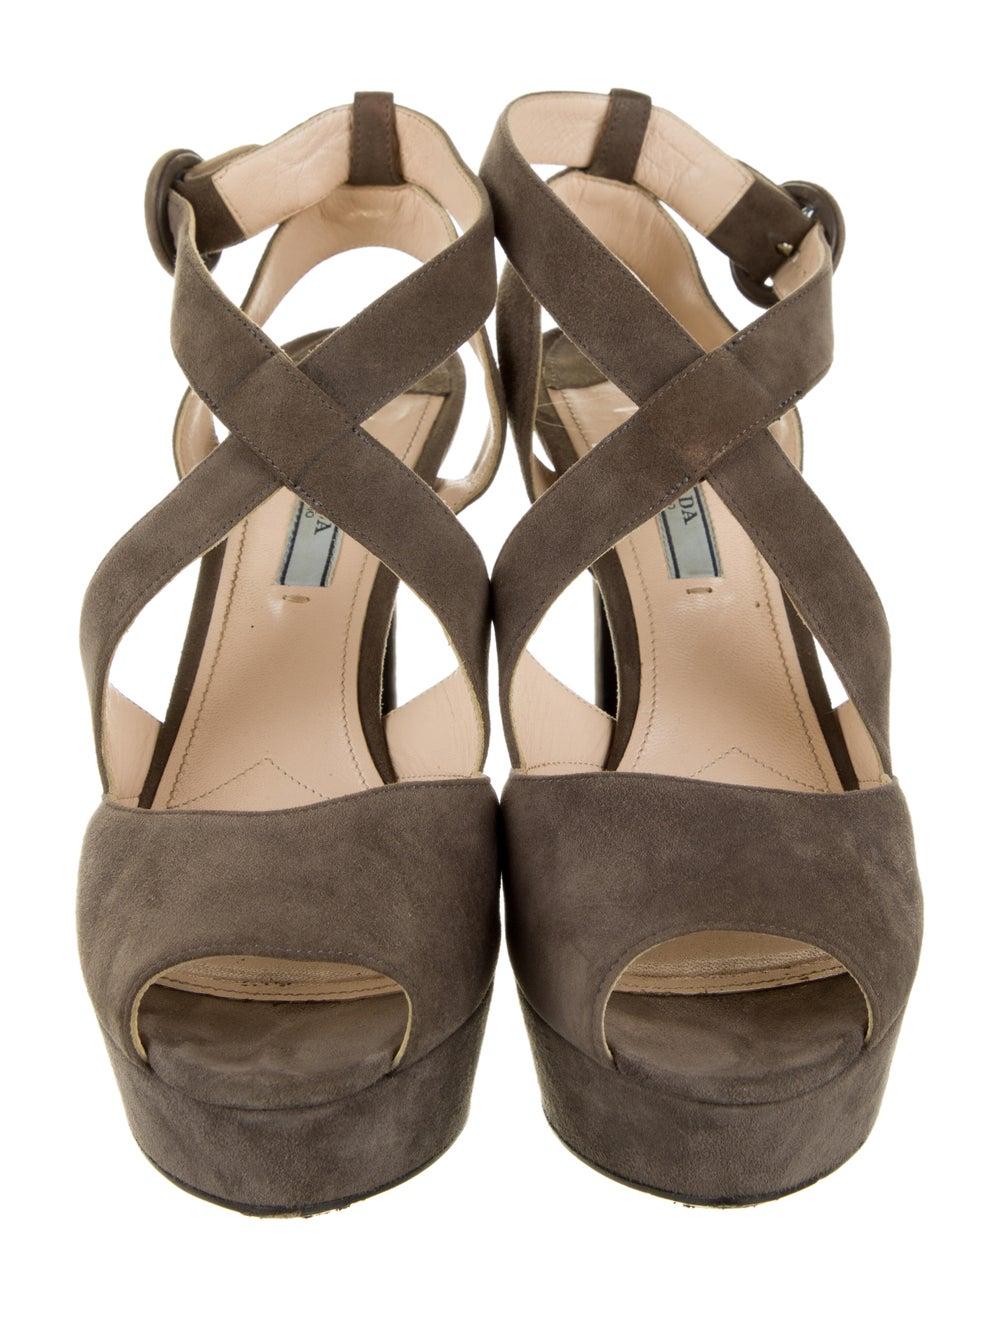 Prada Suede Sandals Grey - image 3